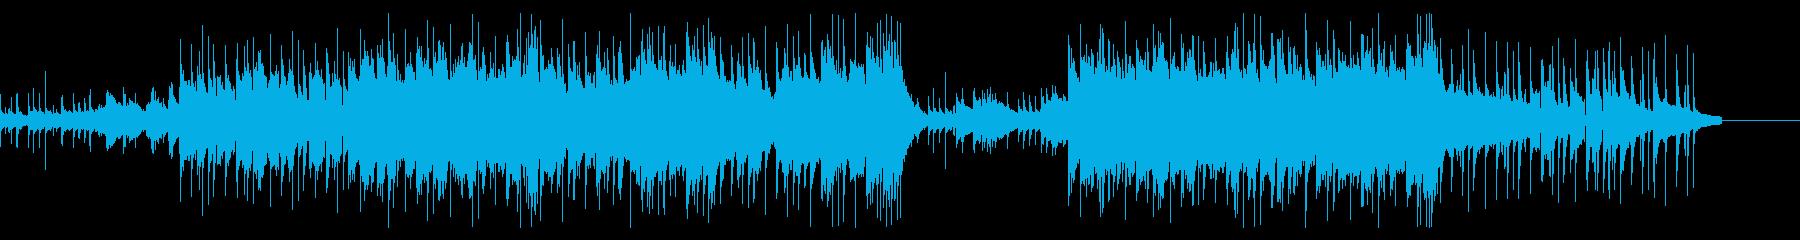 決然とした切なさのある楽曲の再生済みの波形